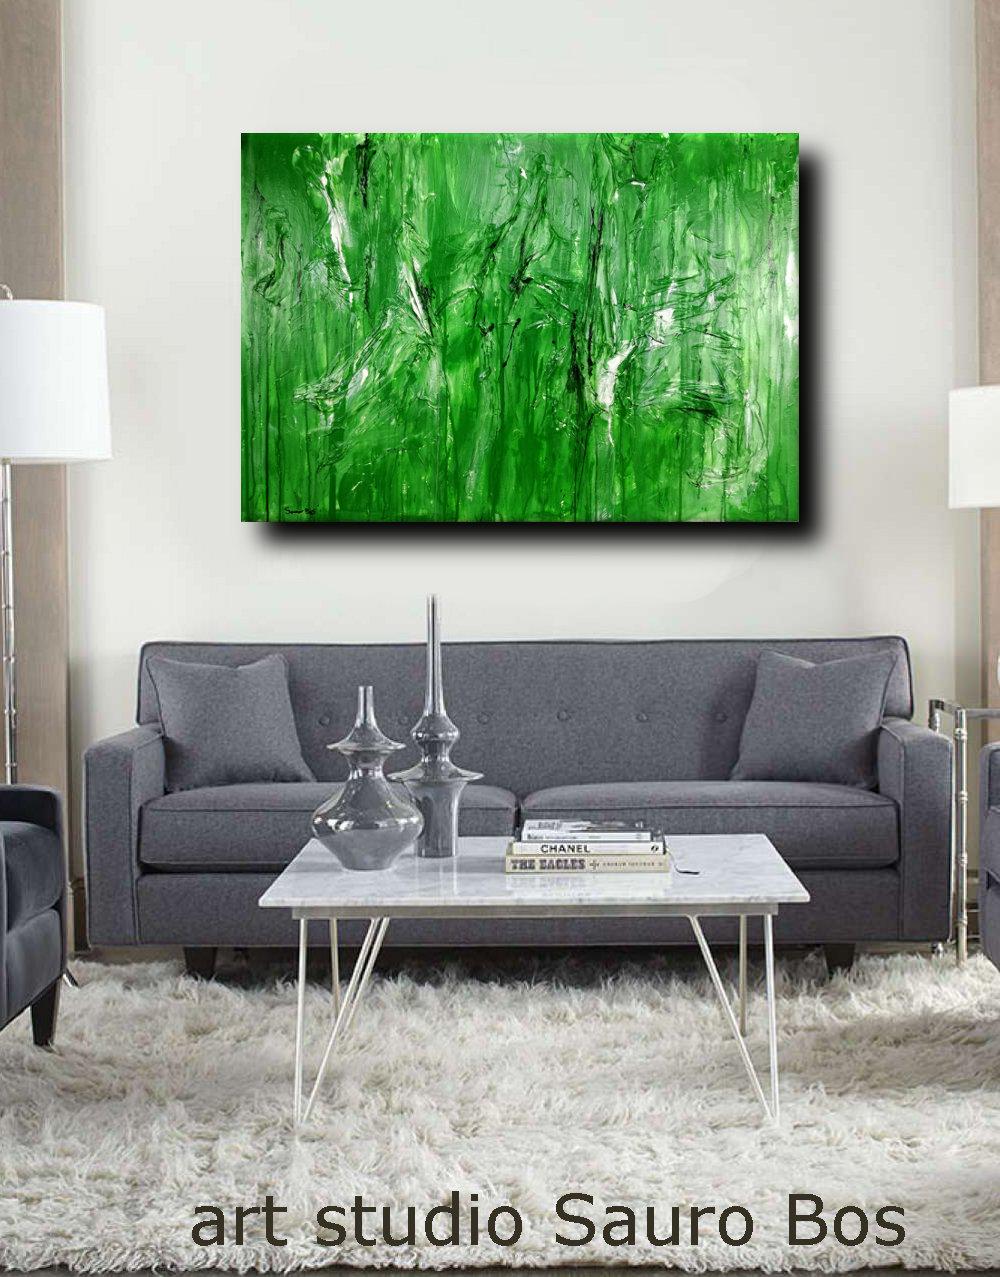 quadri moderni in rilievo 140x100 | sauro bos